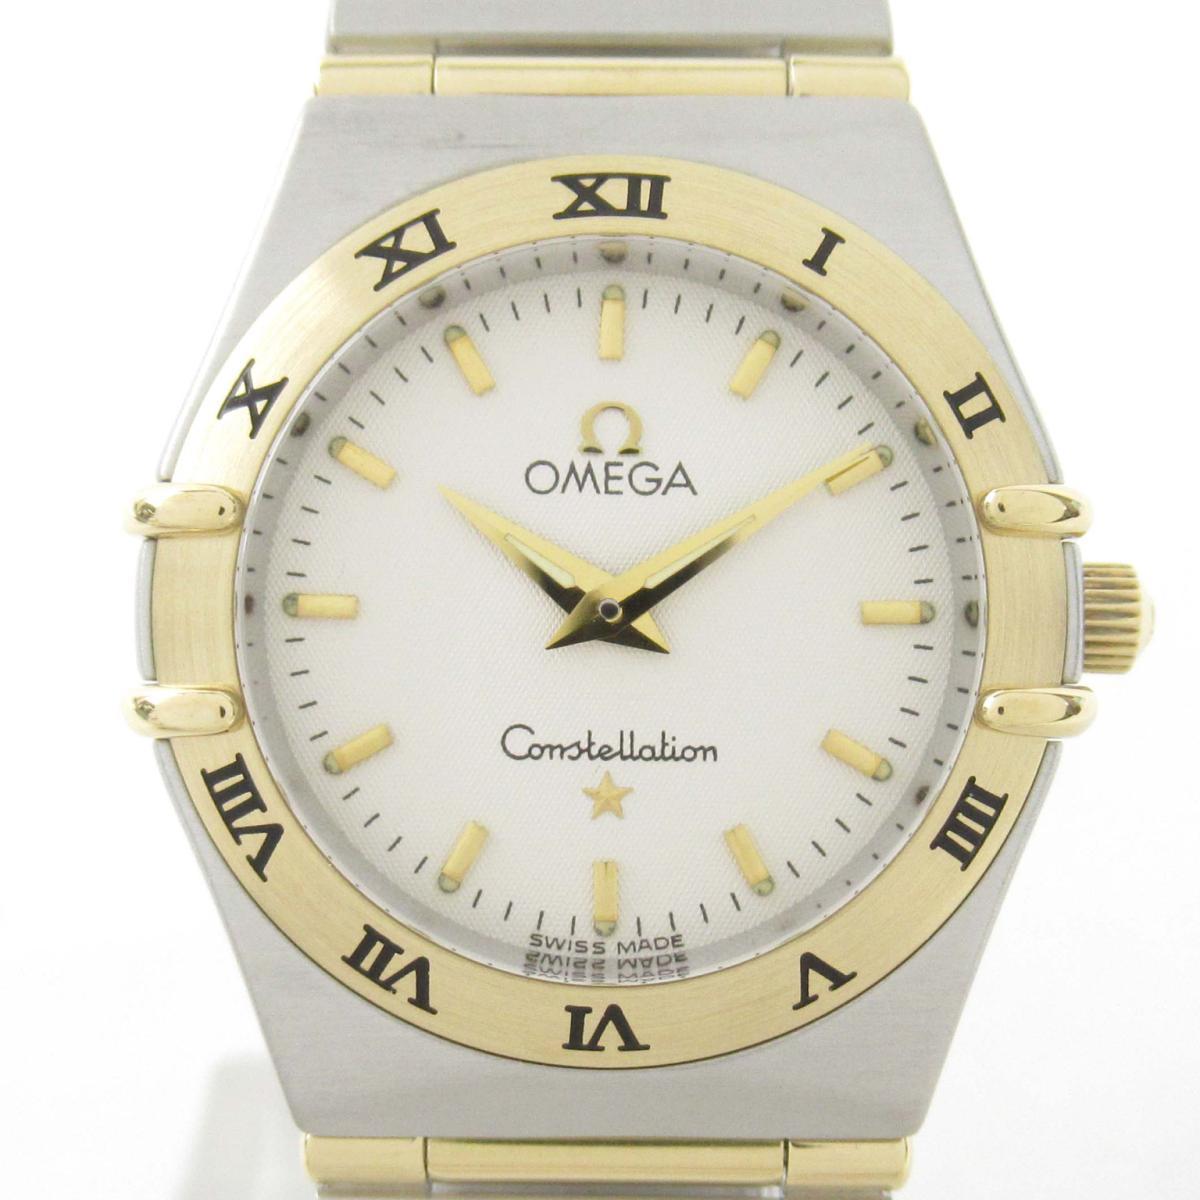 【中古】 オメガ コンステレーション ウォッチ 腕時計 レディース 18Kイエローゴールド x ステンレススチール (SS) | OMEGA BRANDOFF ブランドオフ ブランド ブランド時計 ブランド腕時計 時計